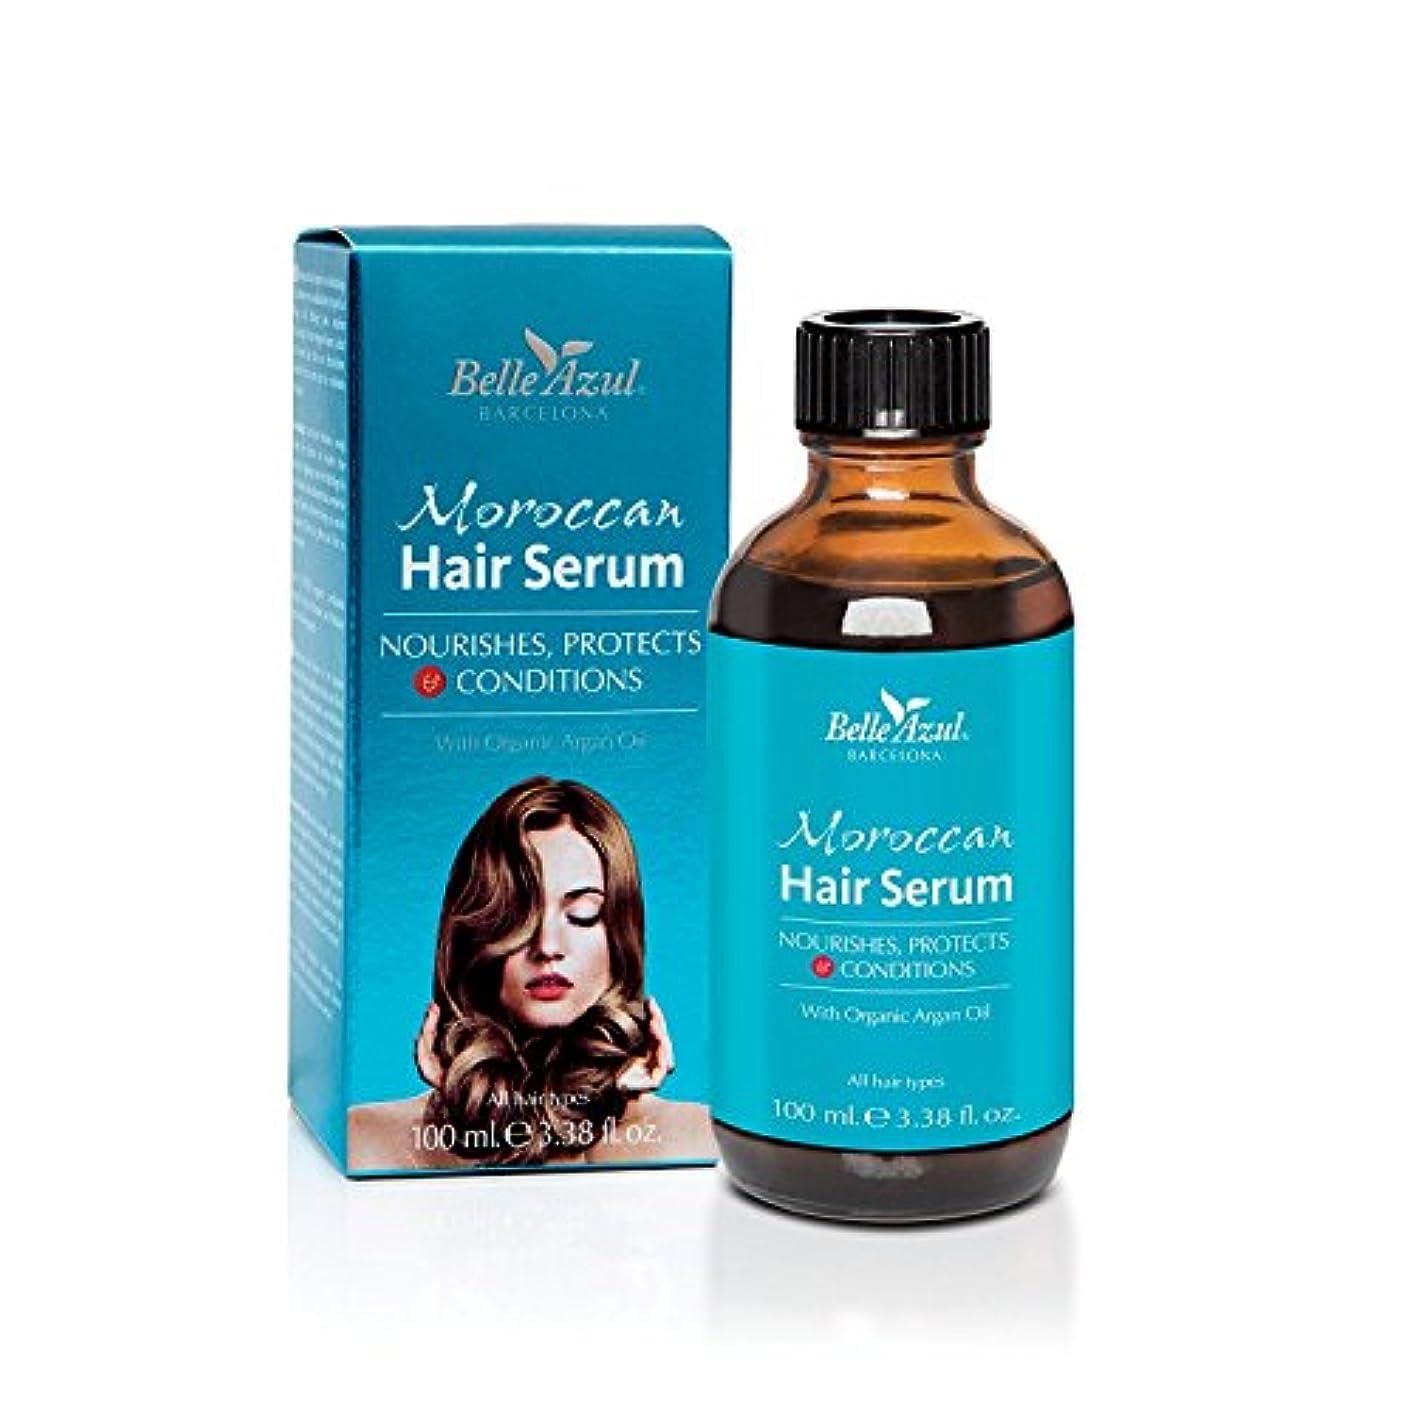 ライトニングタイピストラッシュベルアスール (Belle Azul) モロッカン ヘア セラム 髪用 美容液 アルガンオイル 配合